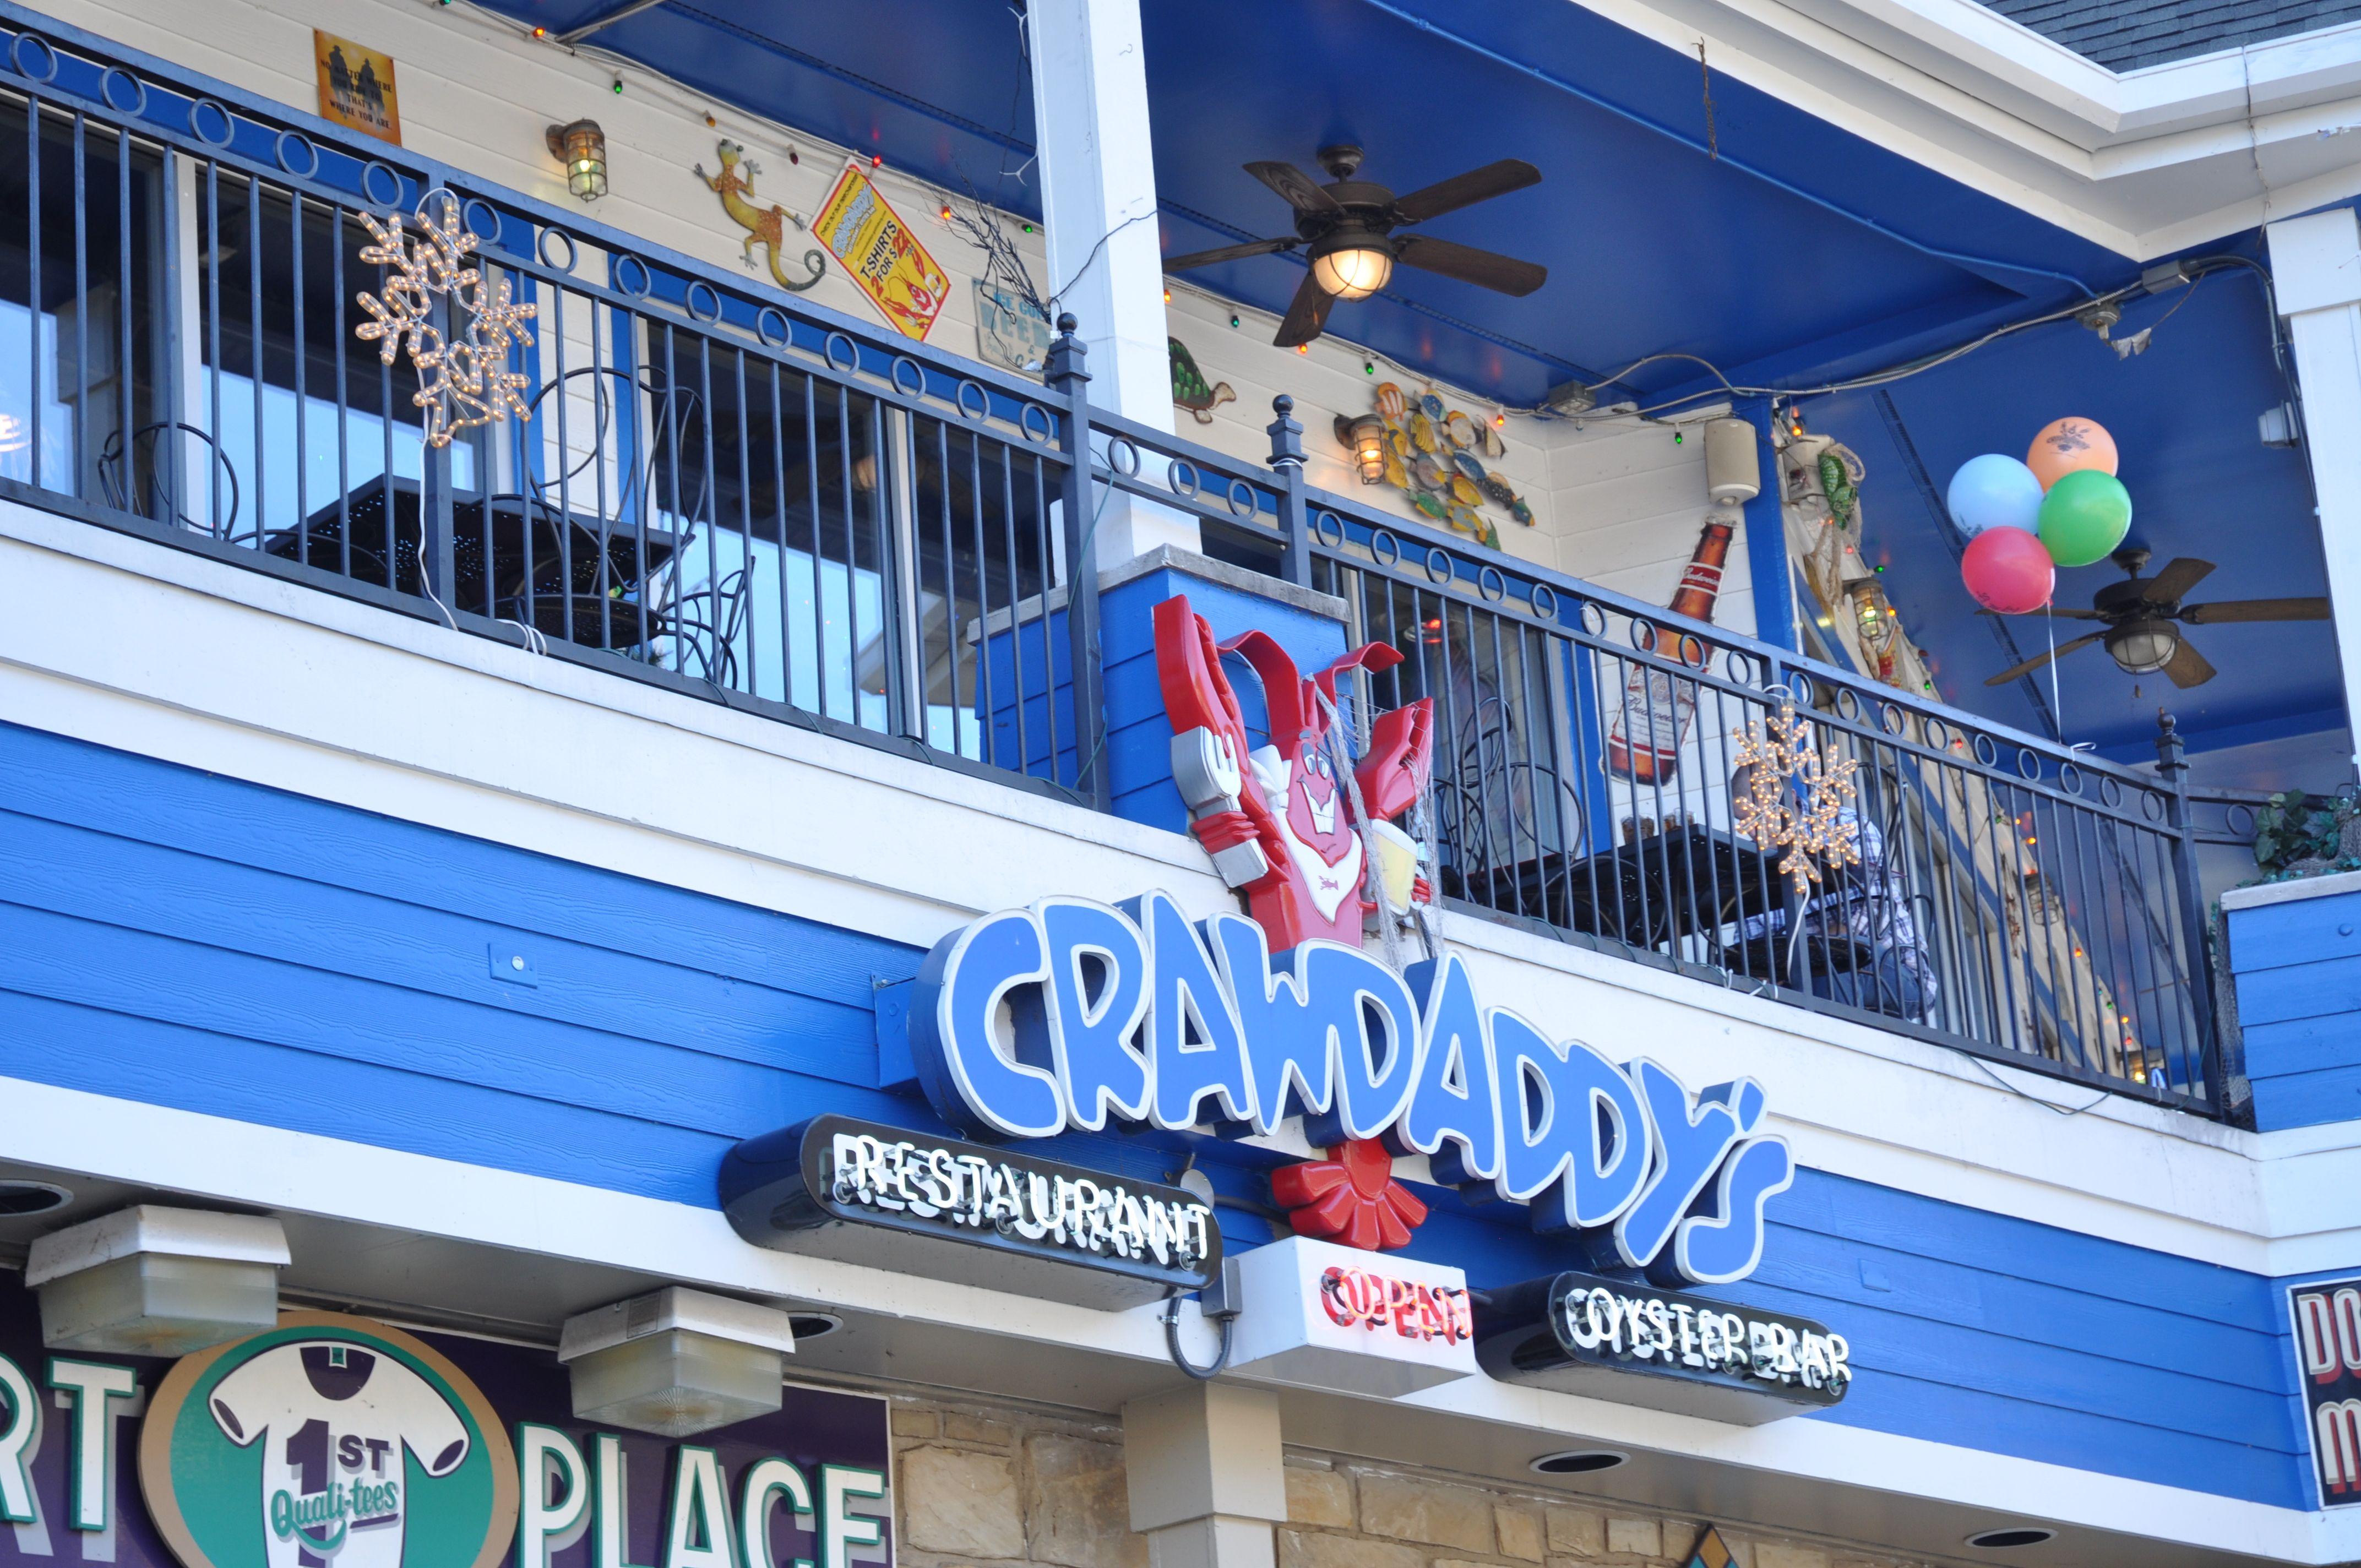 Crawdaddyu0027s Restaurant U0026 Oyster Bar In Gatlinburg, Tennessee.